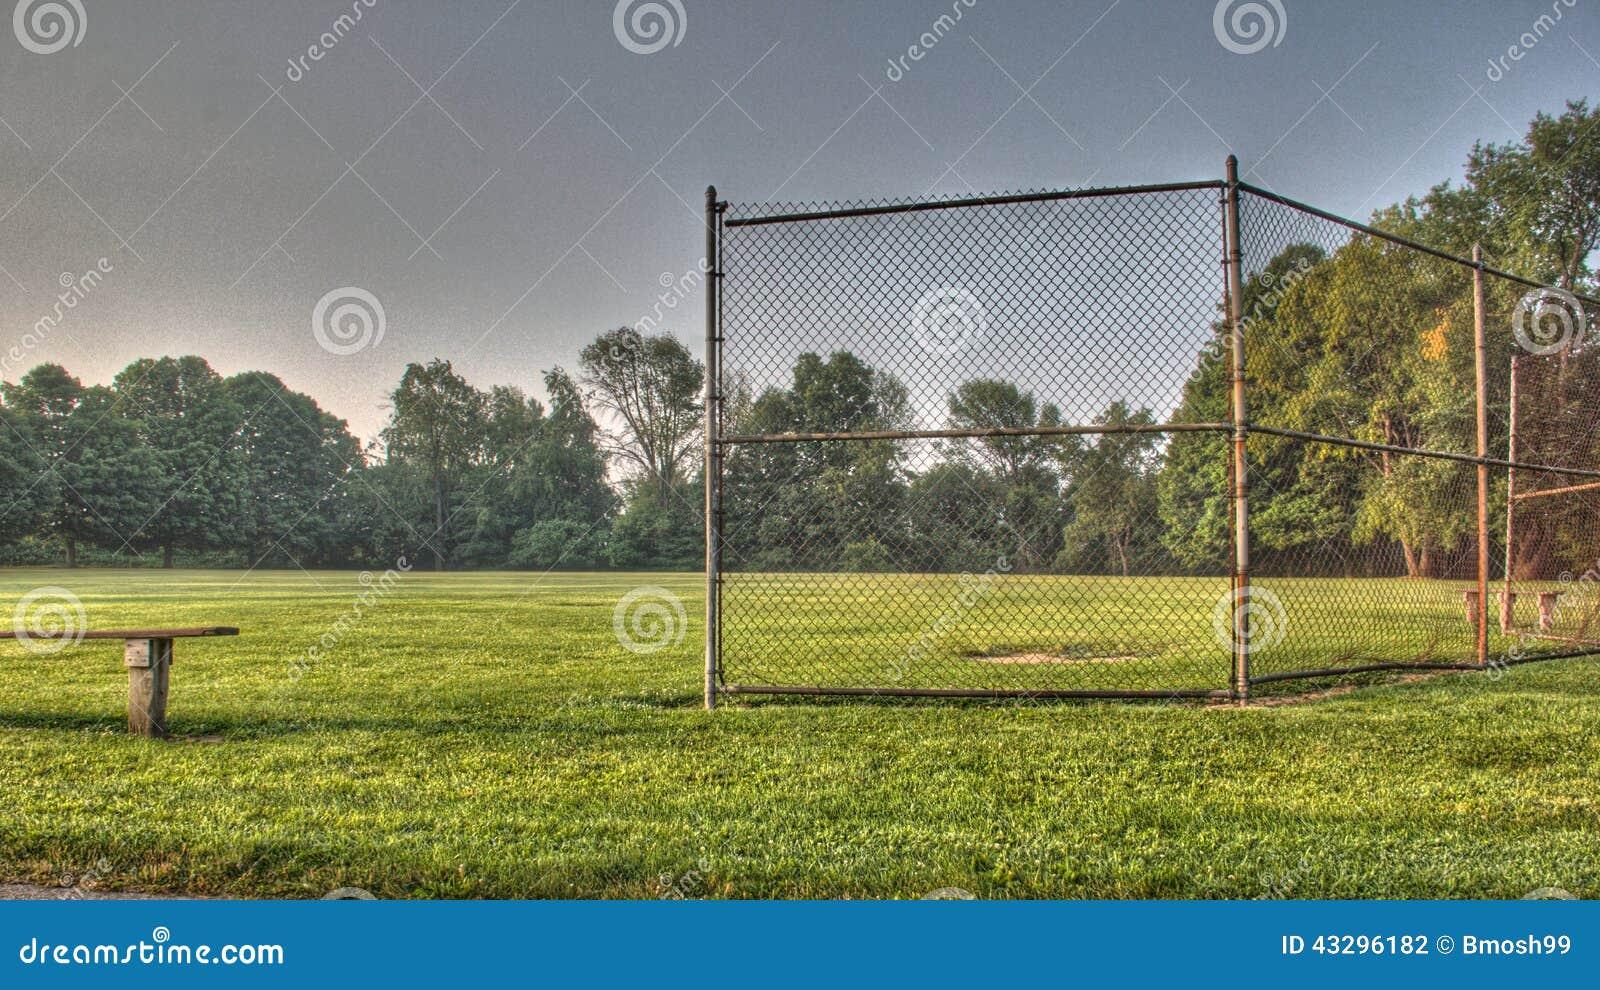 Champ de base-ball ou de base-ball de la jeunesse